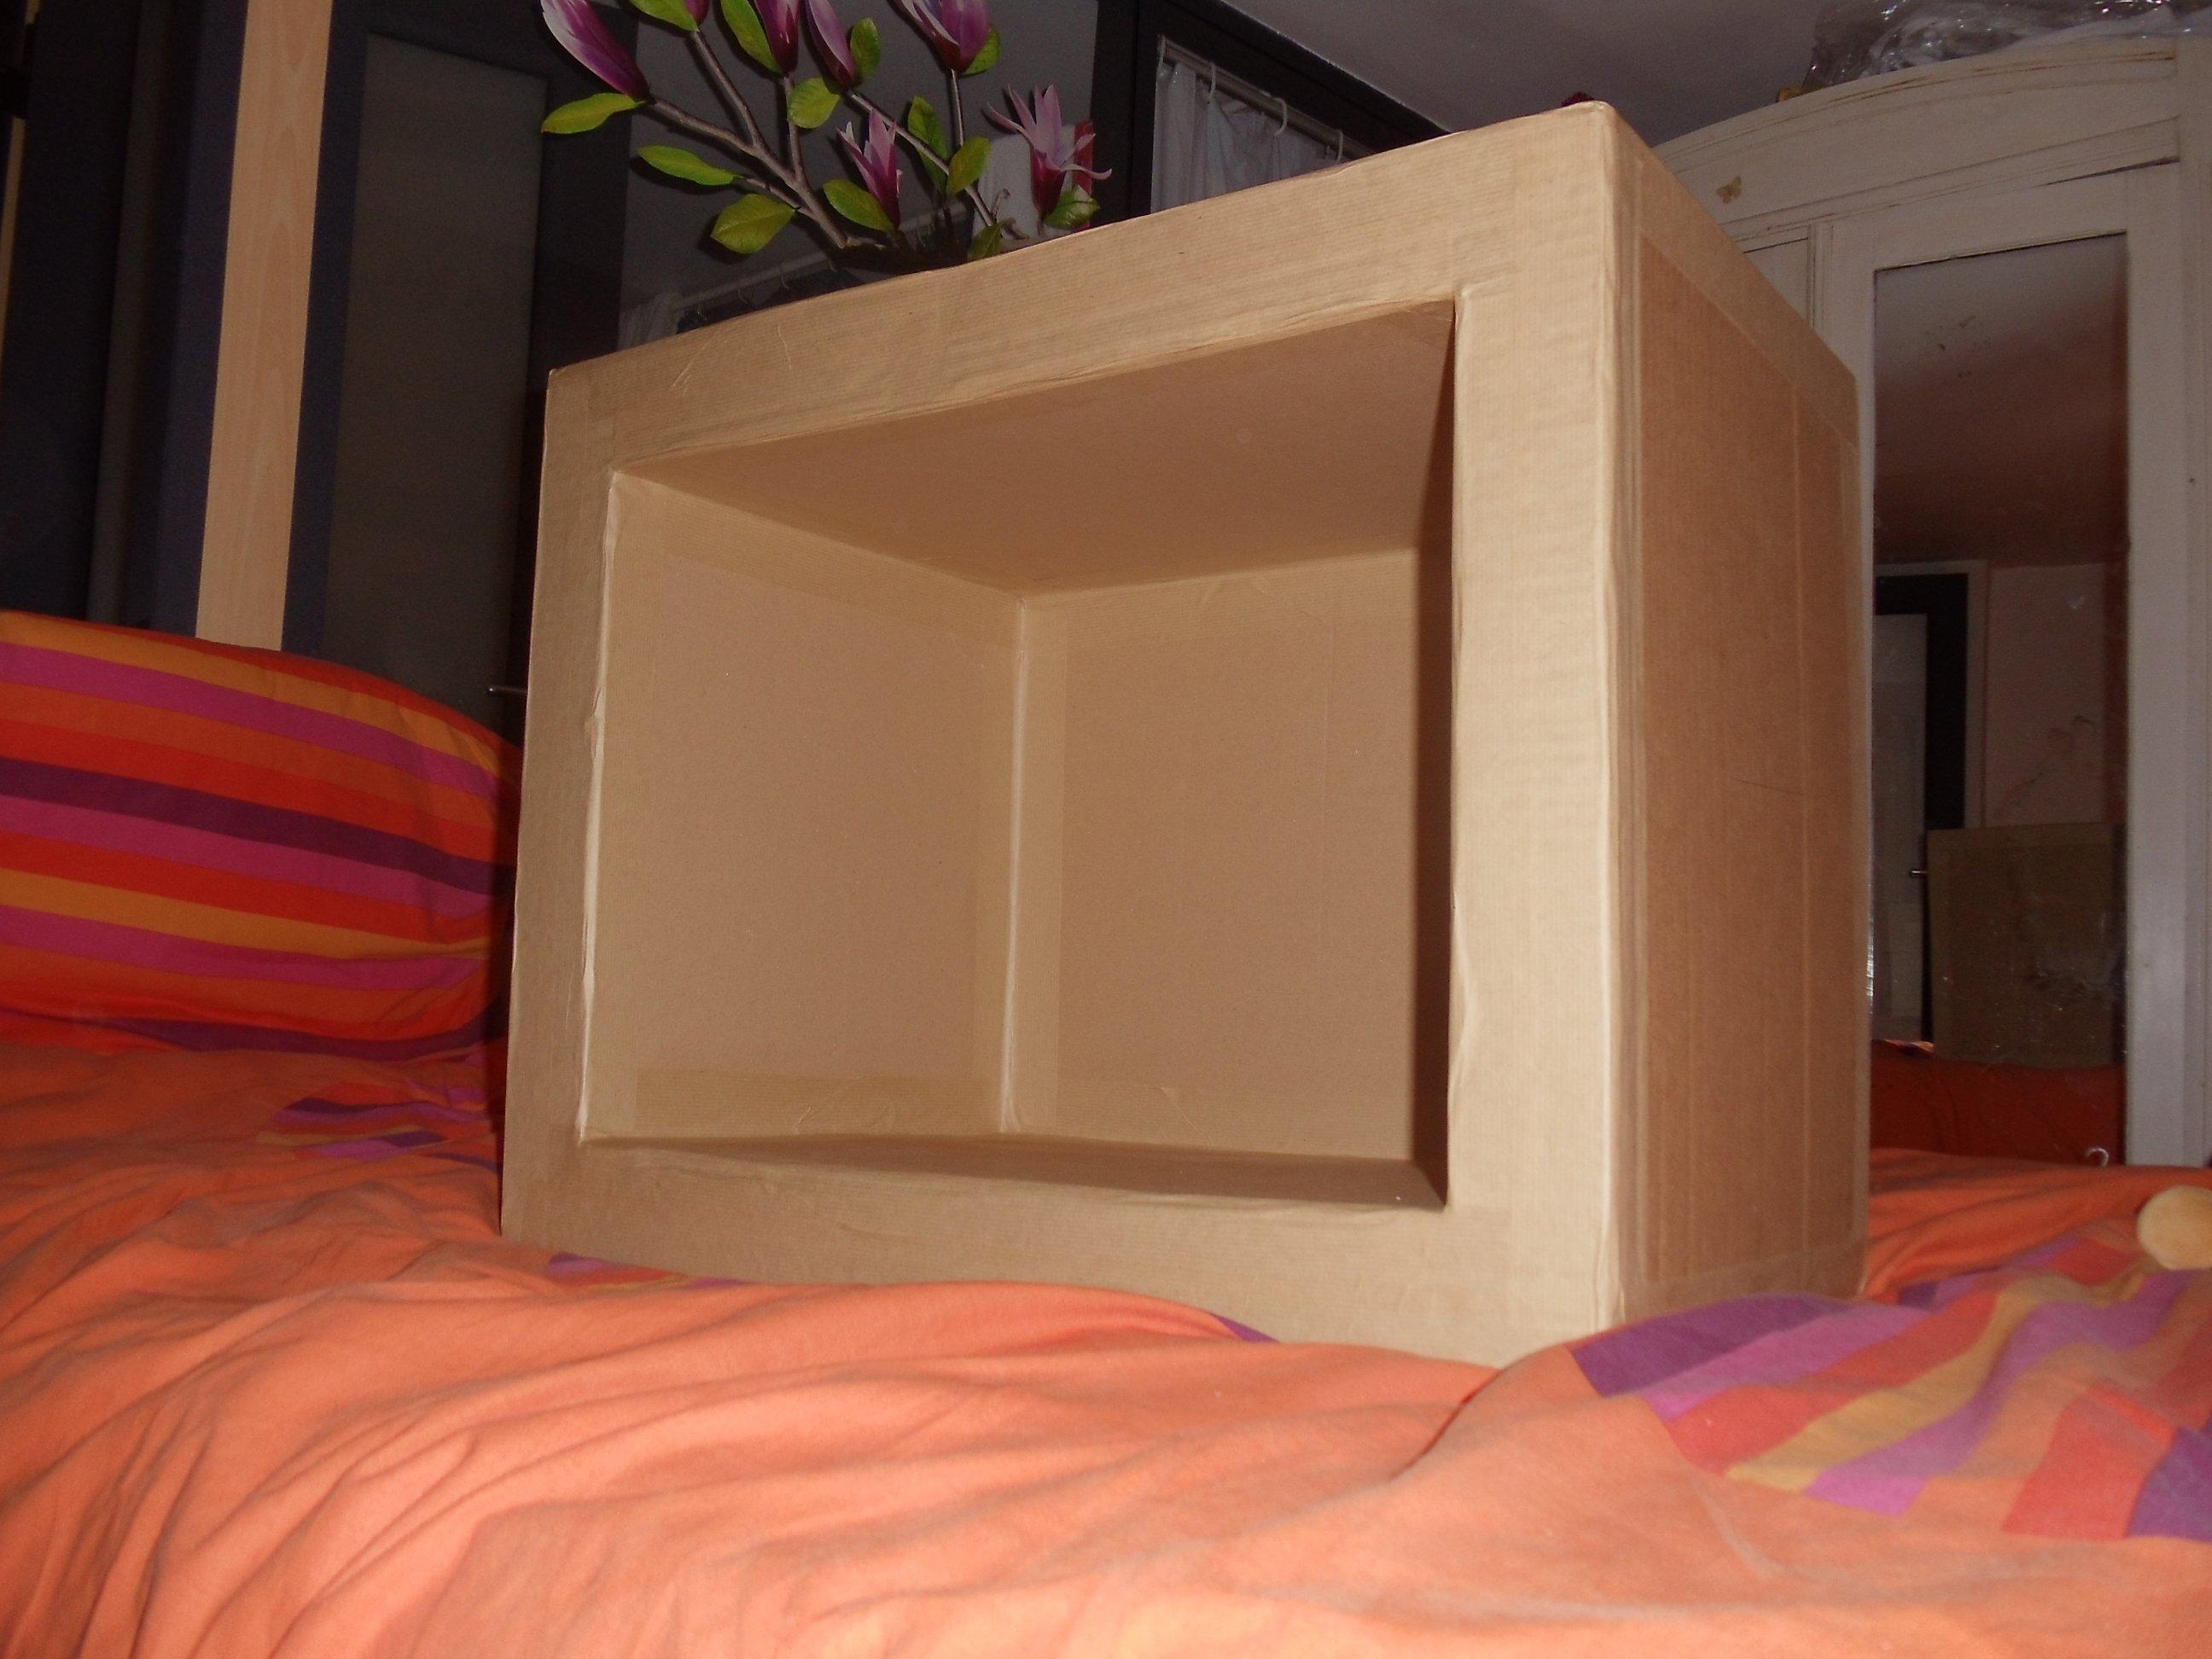 Fabriquer Une Bibliothèque En Carton meuble en carton - débuter et faire son premier meuble (très